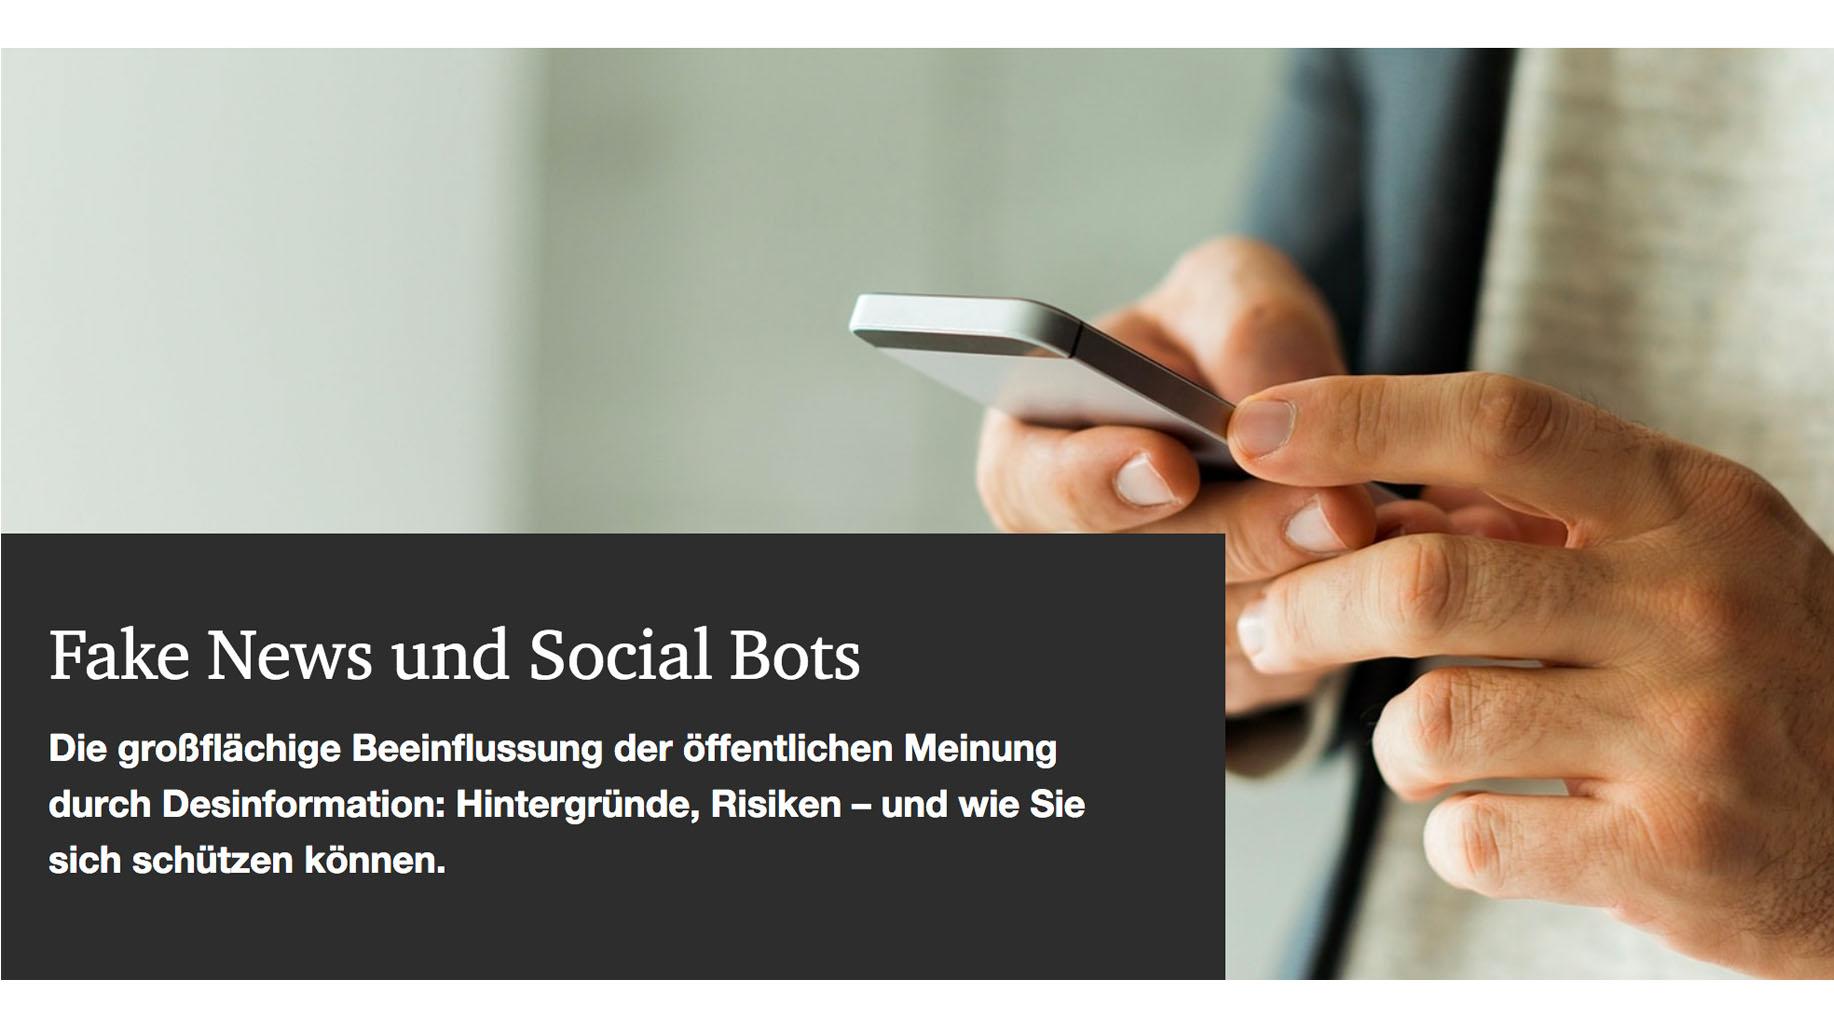 pwc-fake-news-social-bots-1